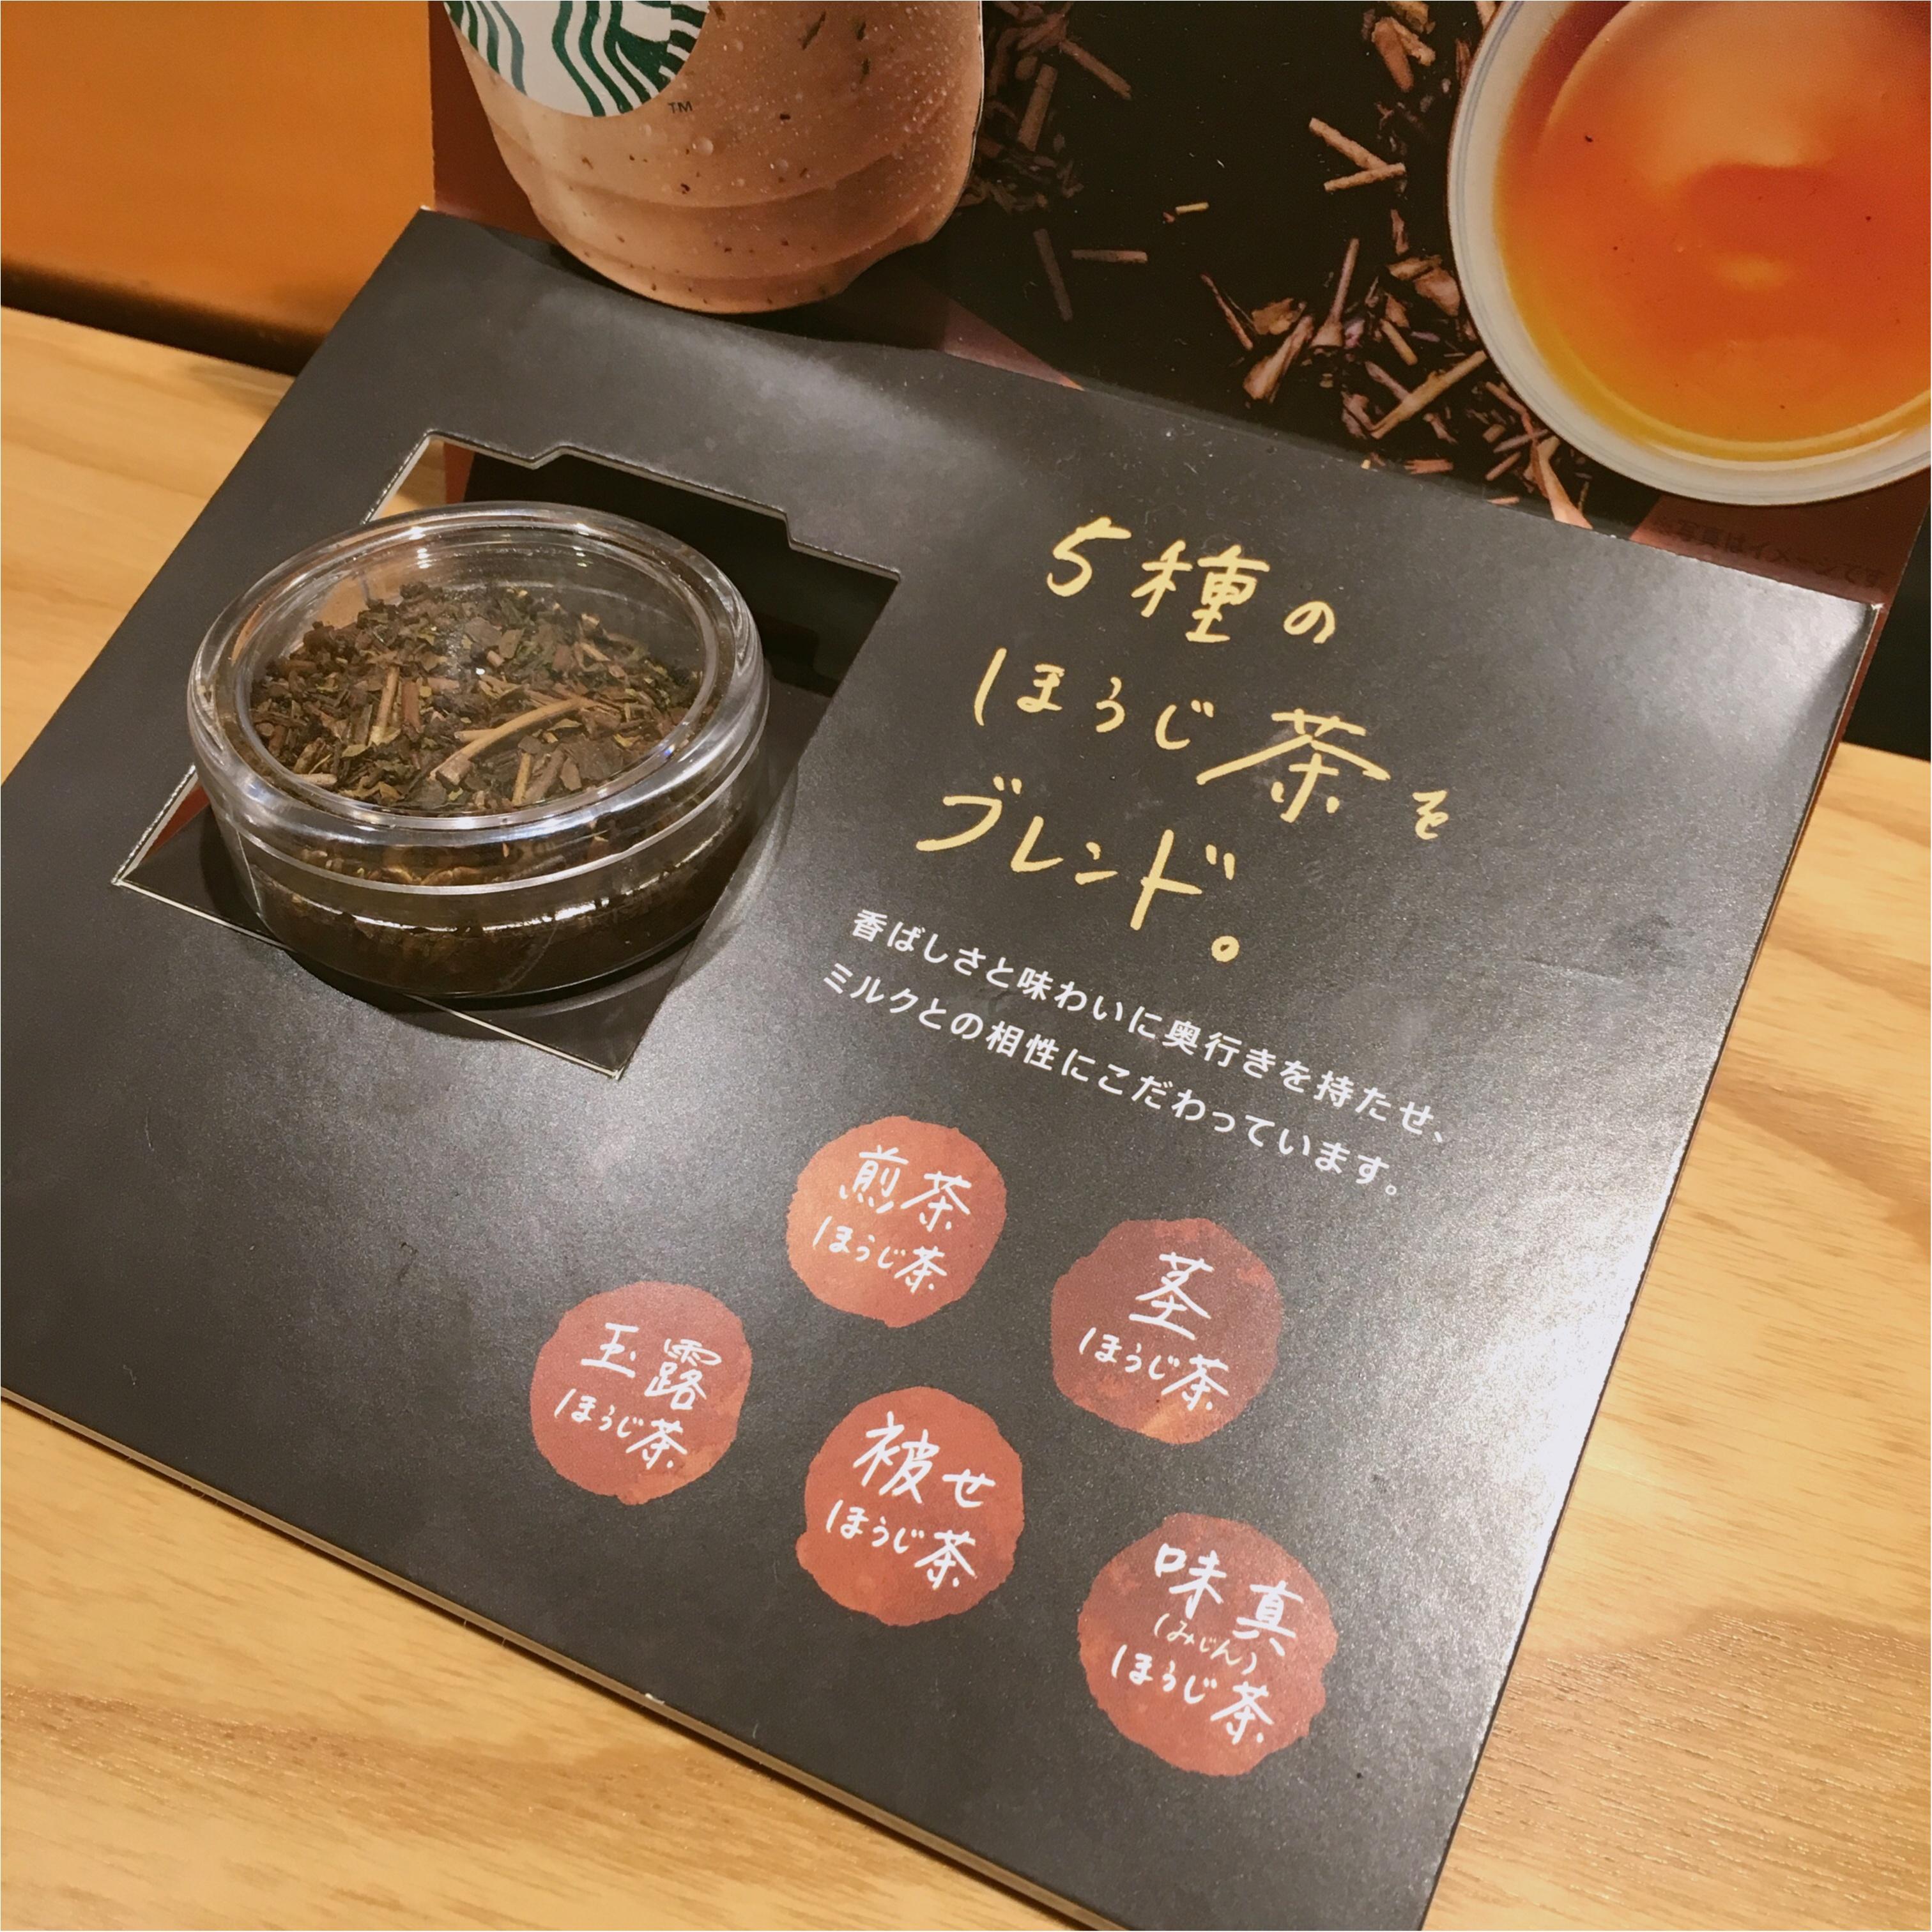 【10月1日まで】秋に飲みたい♡期間限定のほうじ茶クリームフラペチーノwithキャラメルソースが登場 ♡♡_2